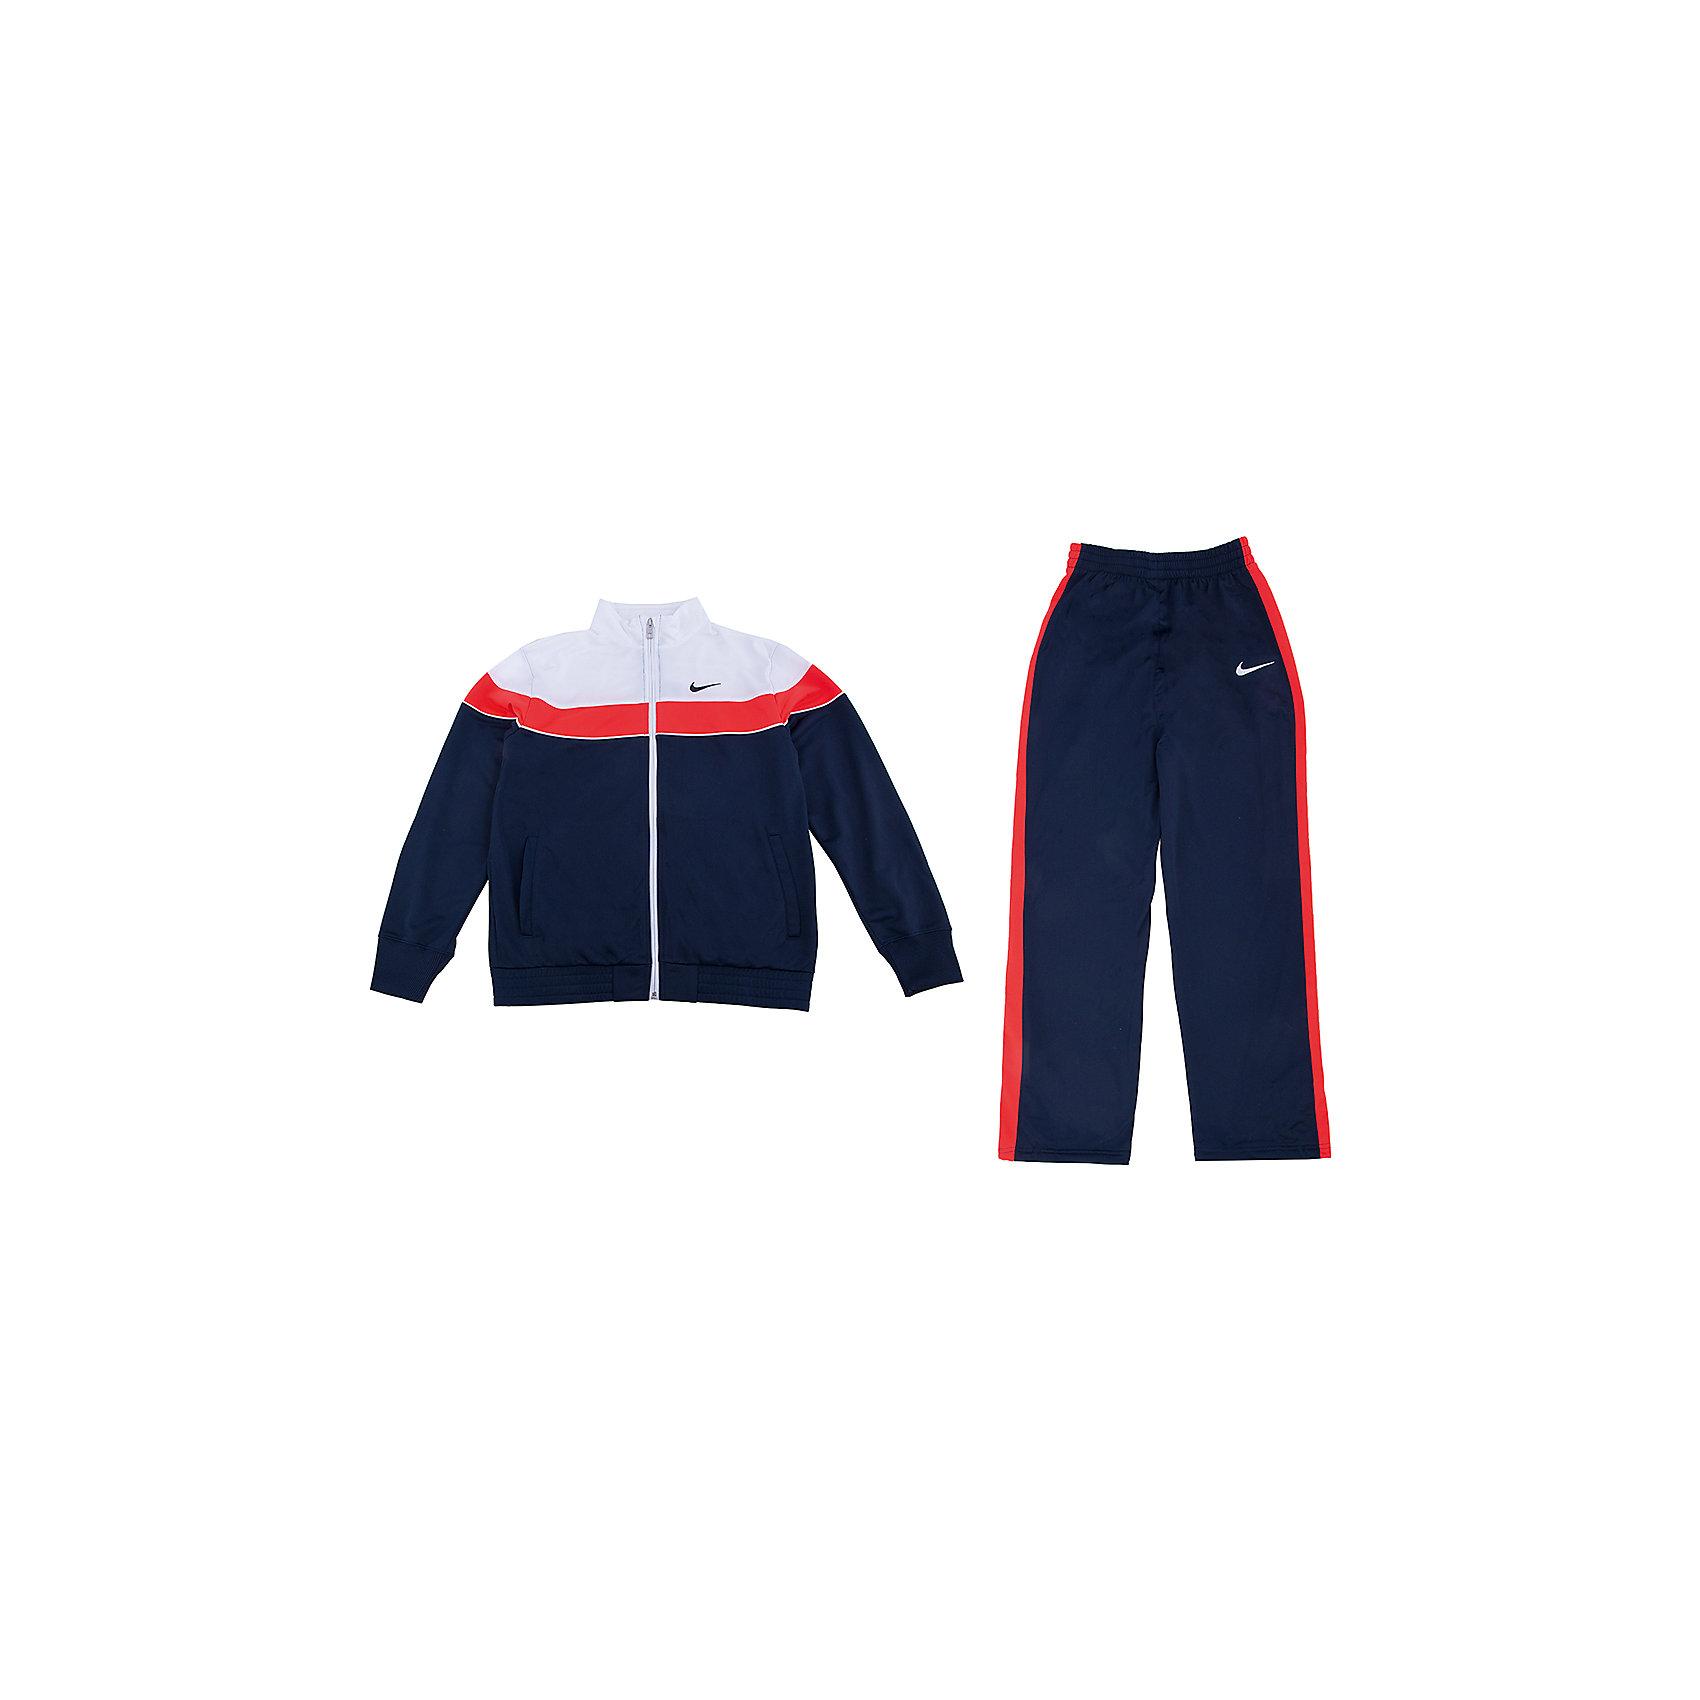 NIKE, Спортивный костюм для мальчика t45 t adj warm up yth